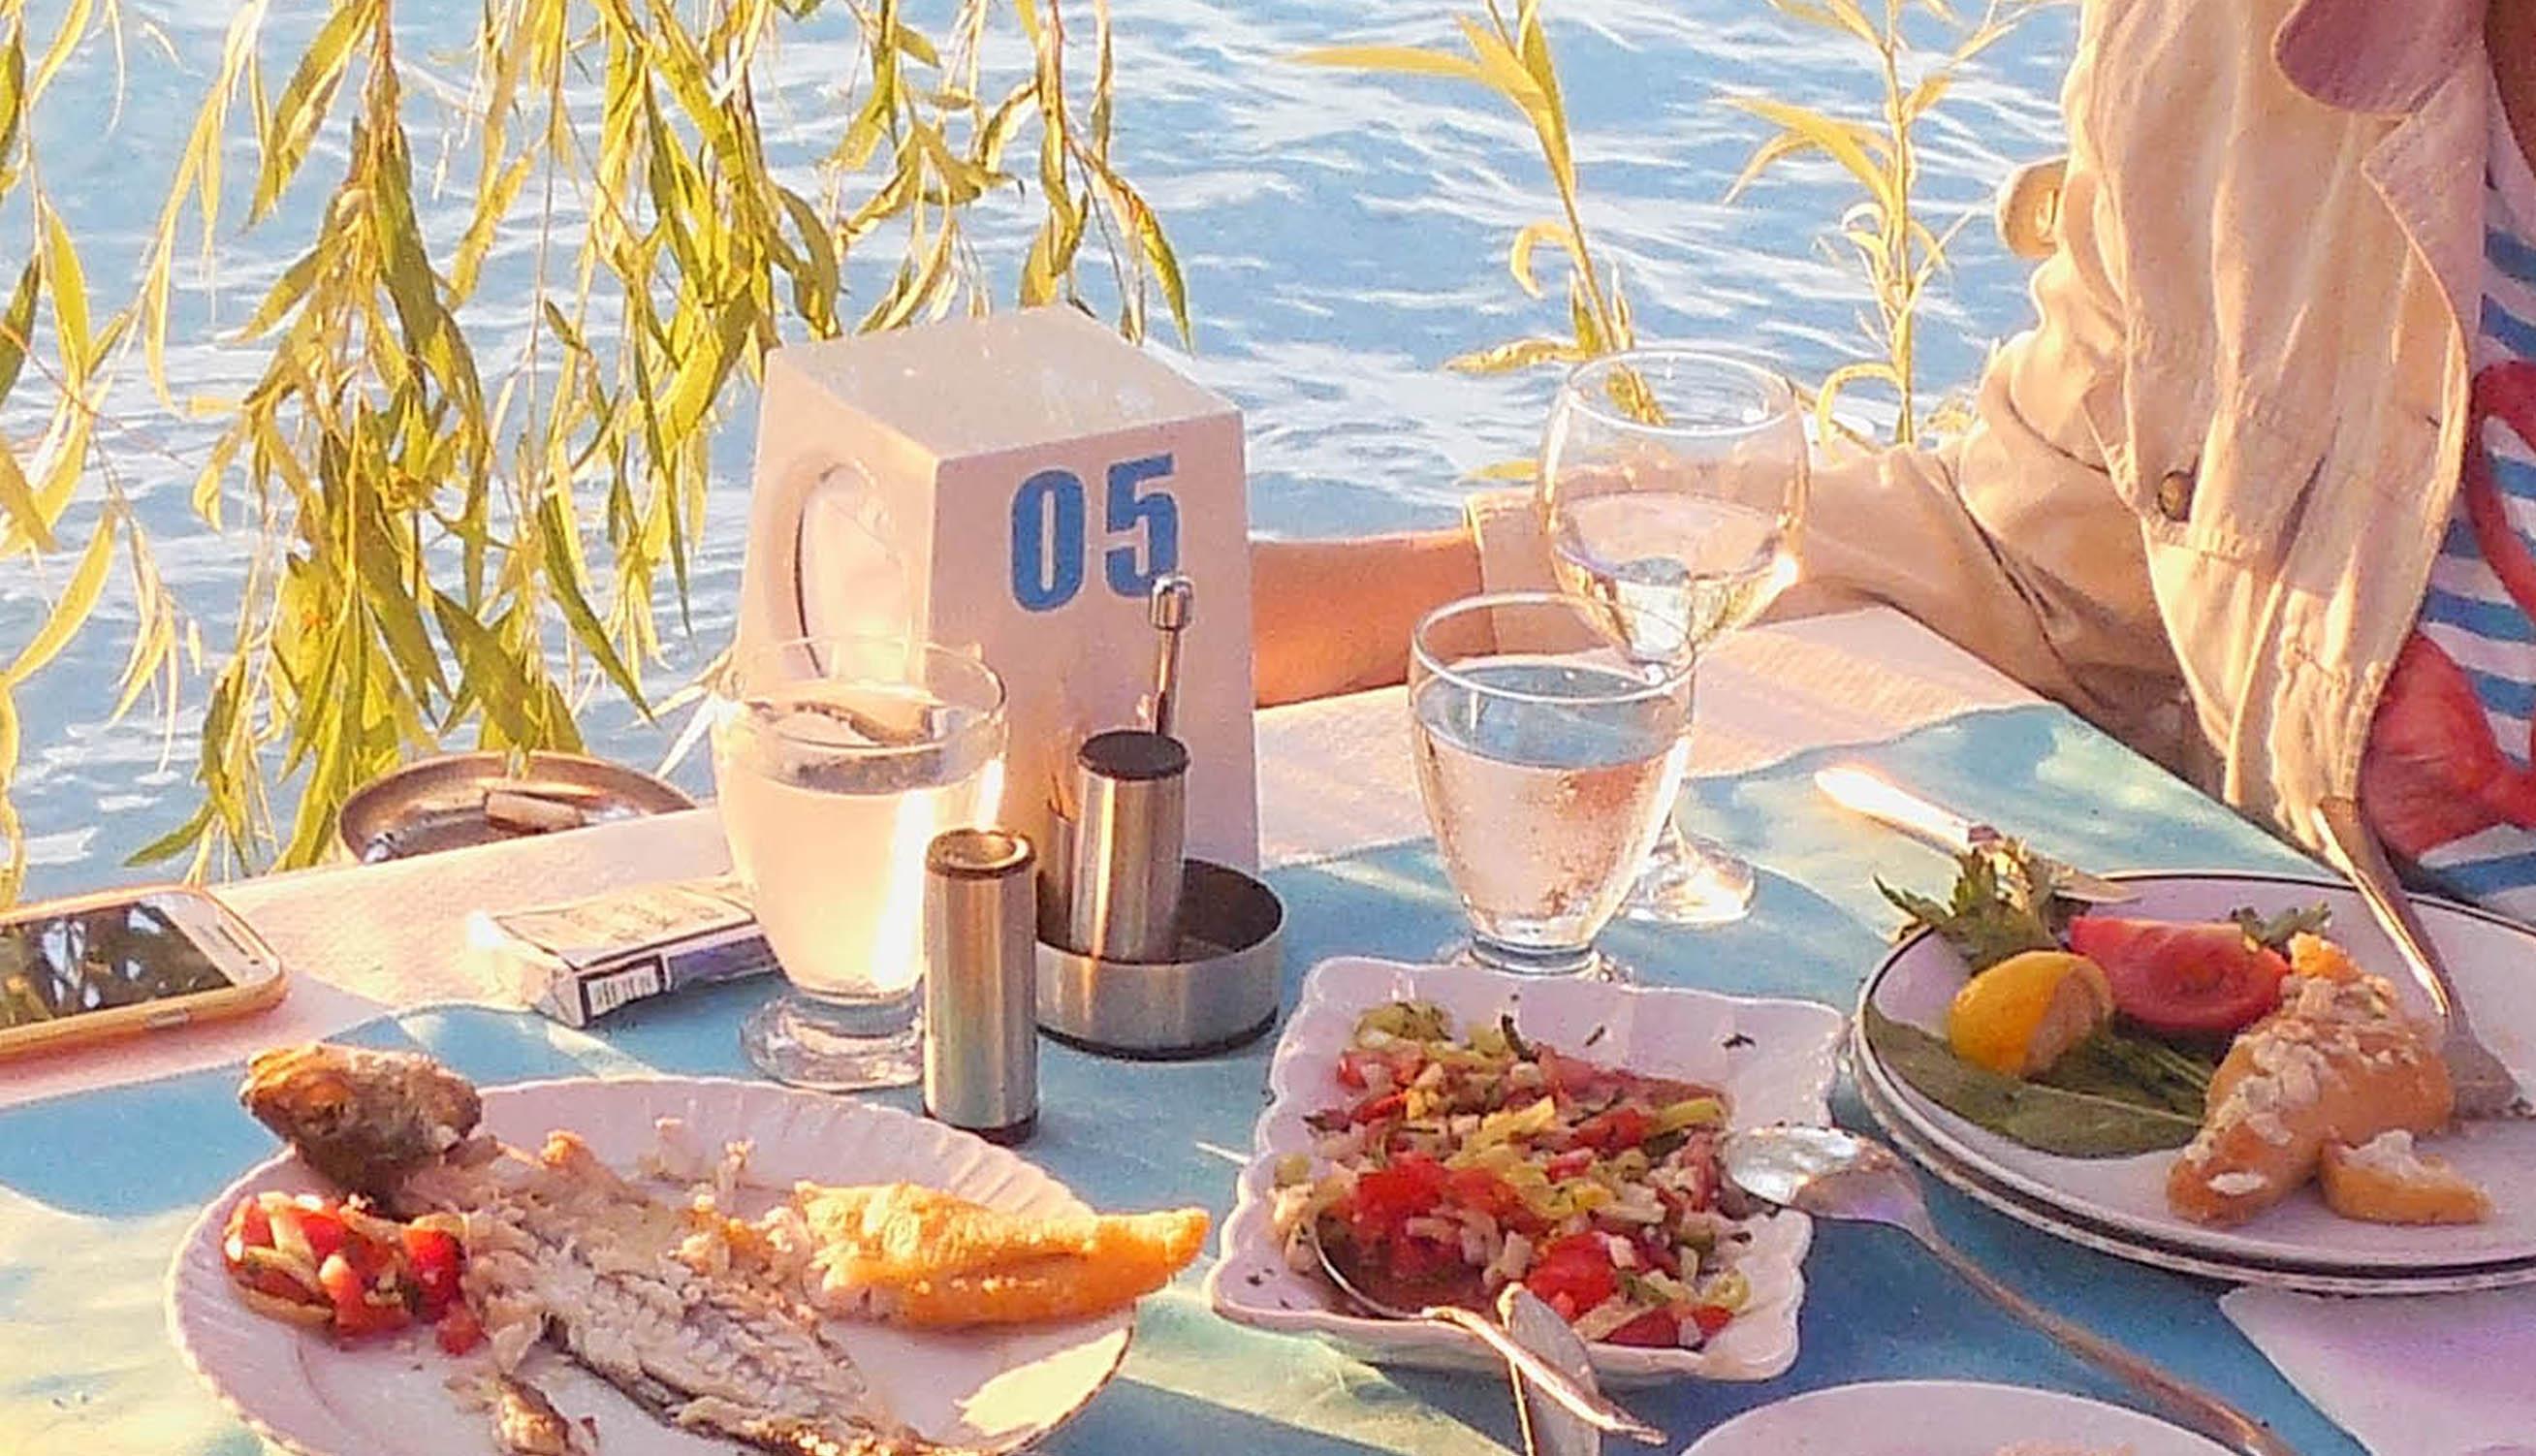 egr-1-fish-rest-3066